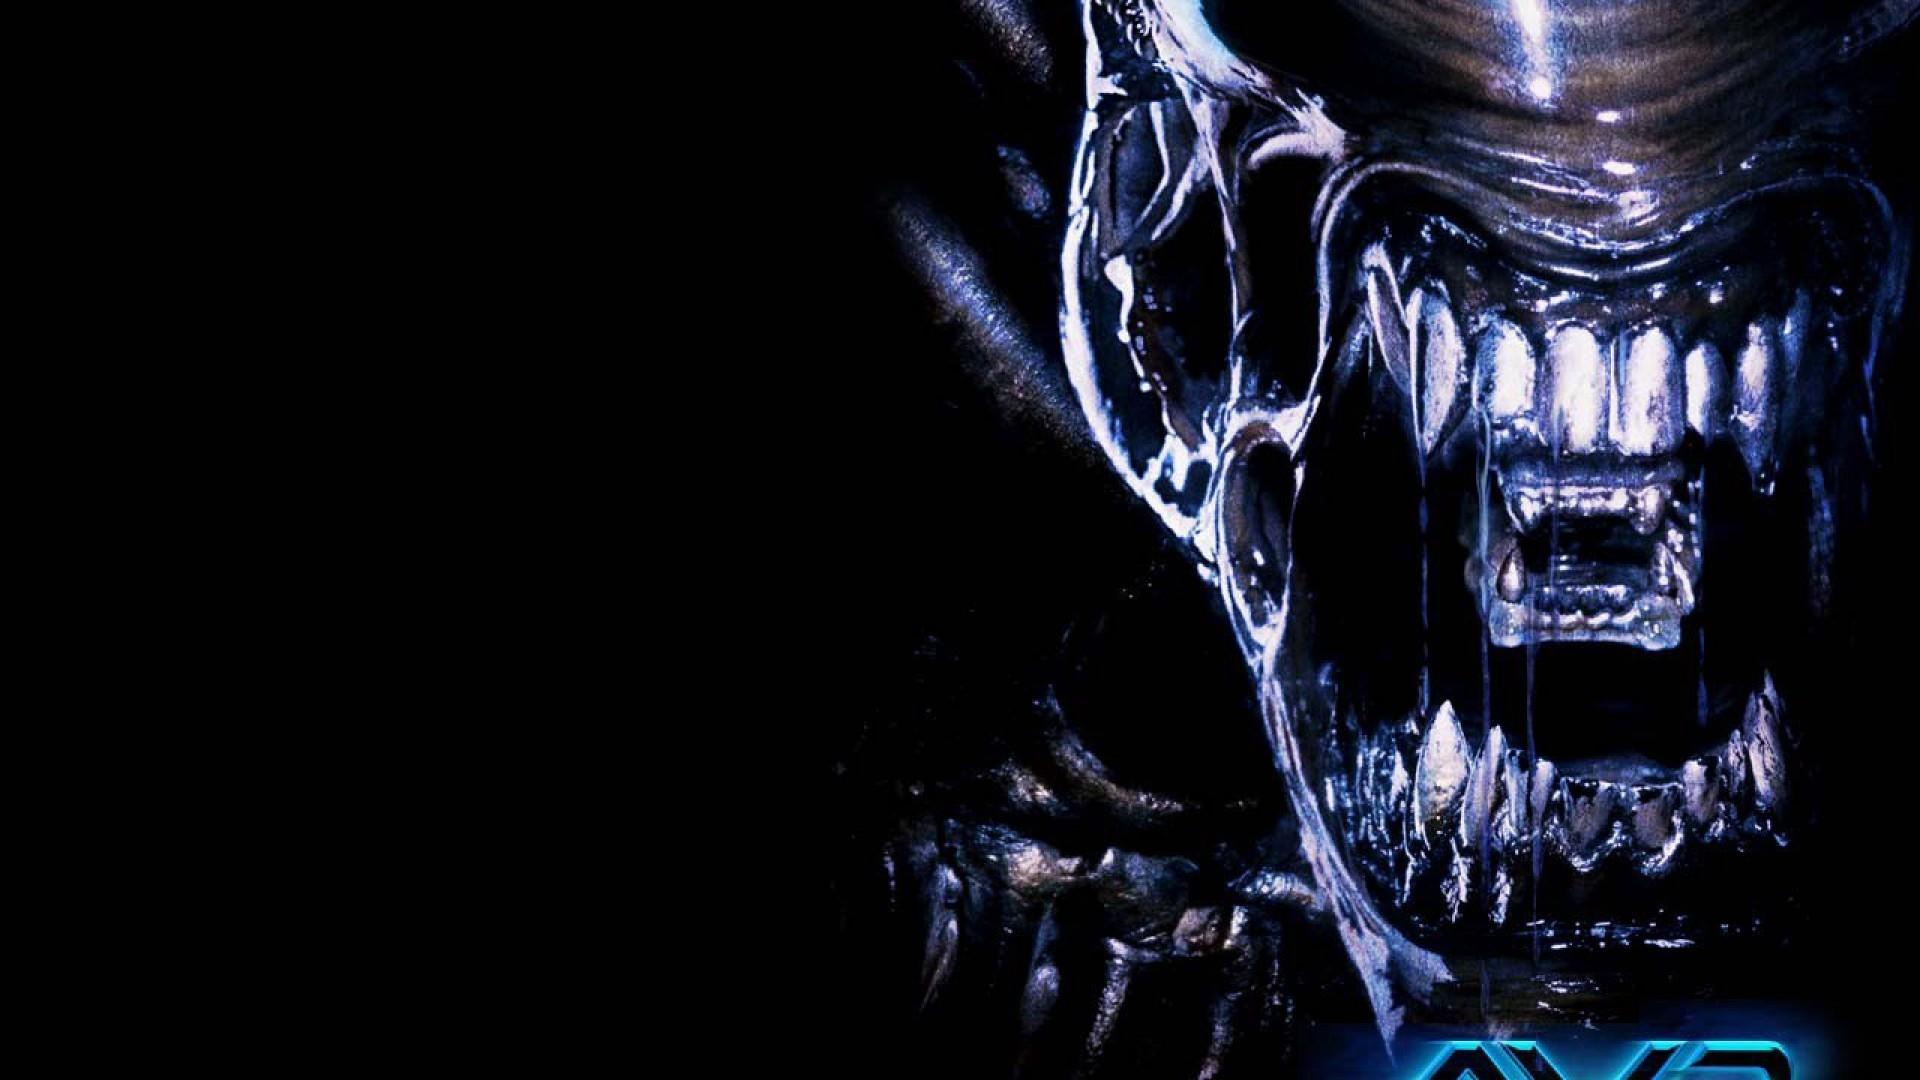 Alien vs predator alien wallpaper hd.